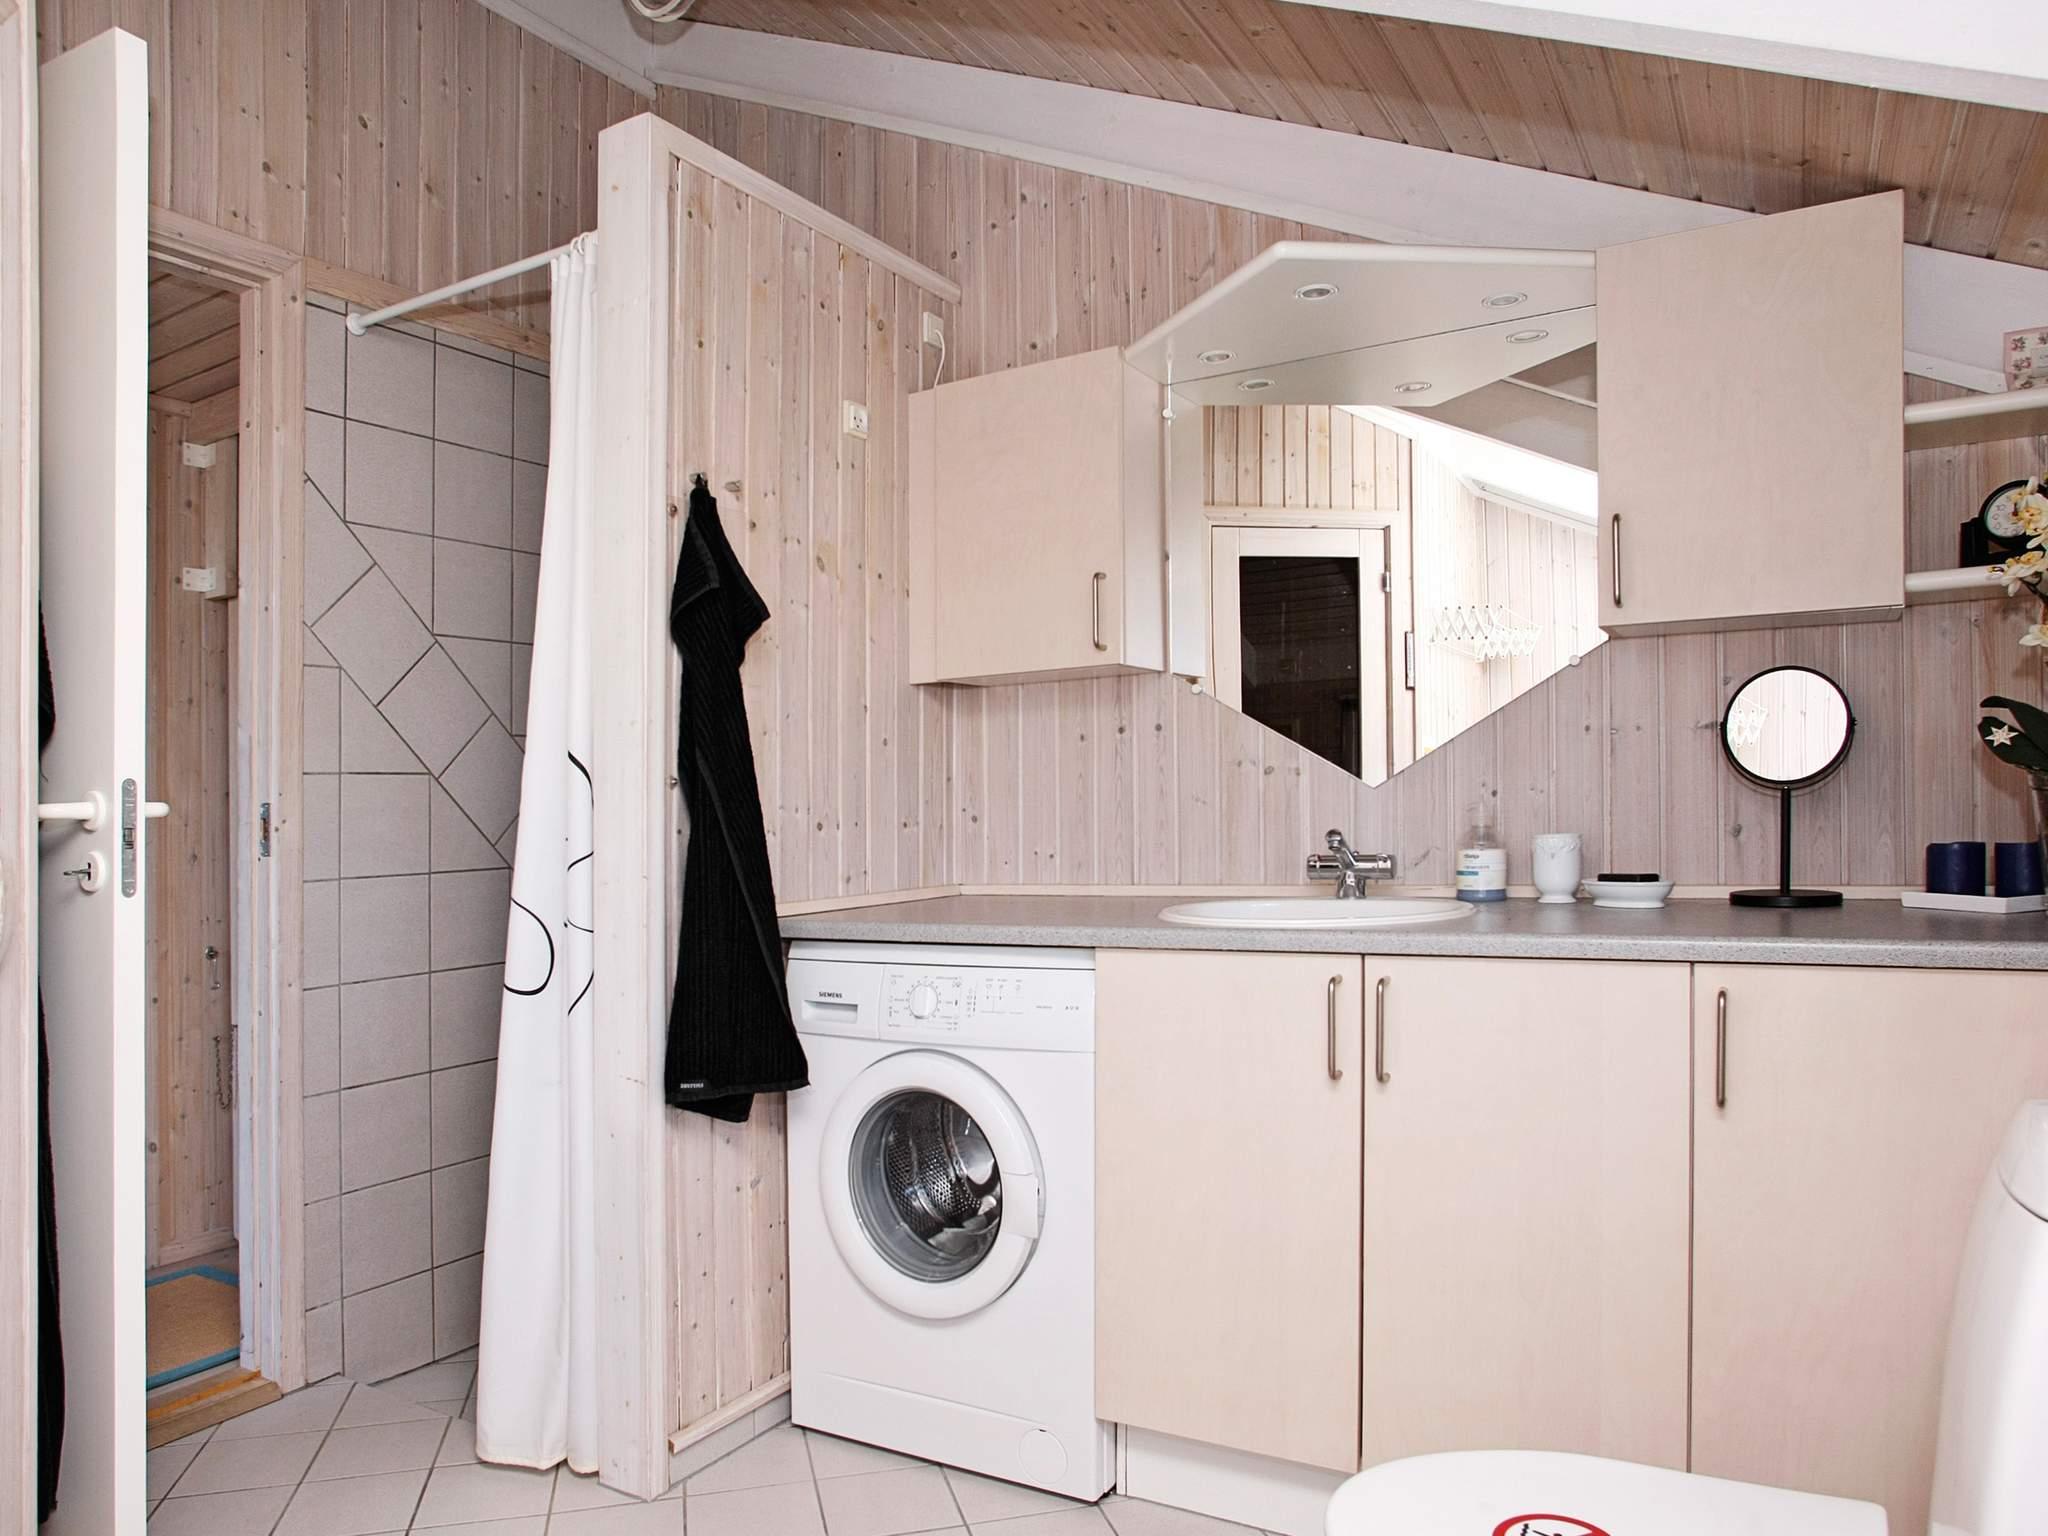 Ferienhaus Lønstrup (82127), Lønstrup, , Nordwestjütland, Dänemark, Bild 13